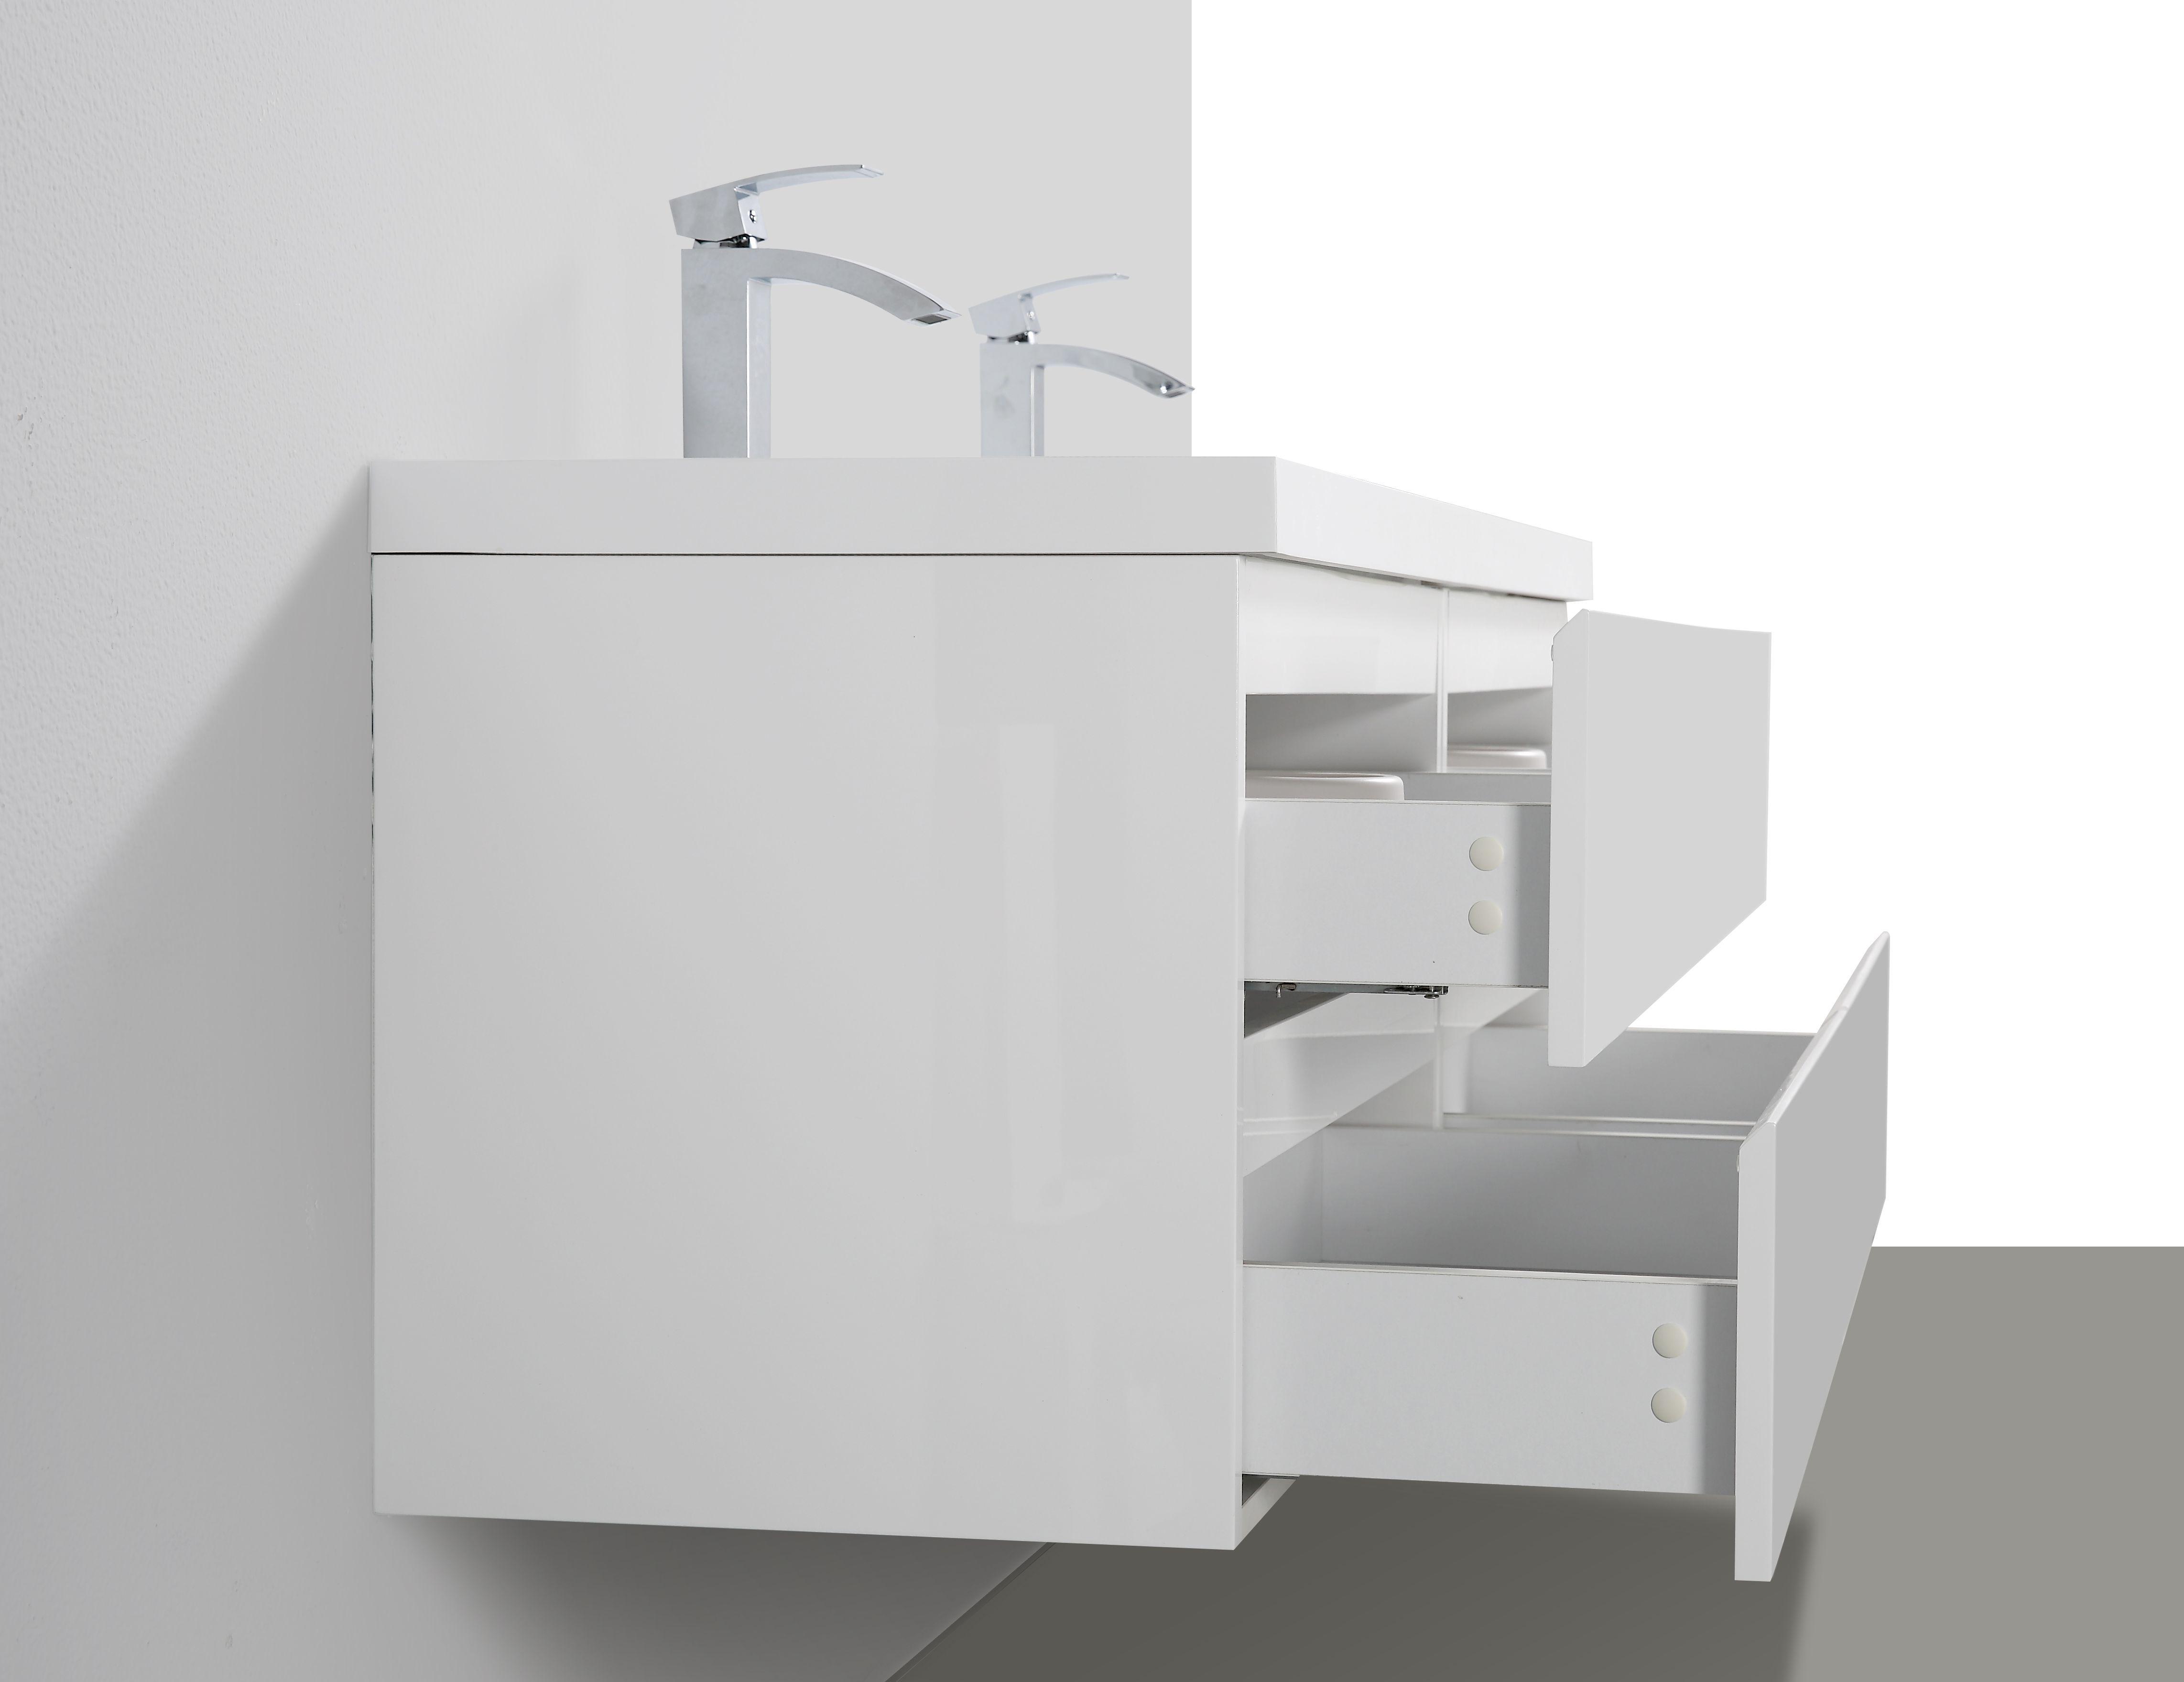 Badmöbel Unterschrank Flat 160 inkl. Doppelwaschtisch (hochglanz-weiß)